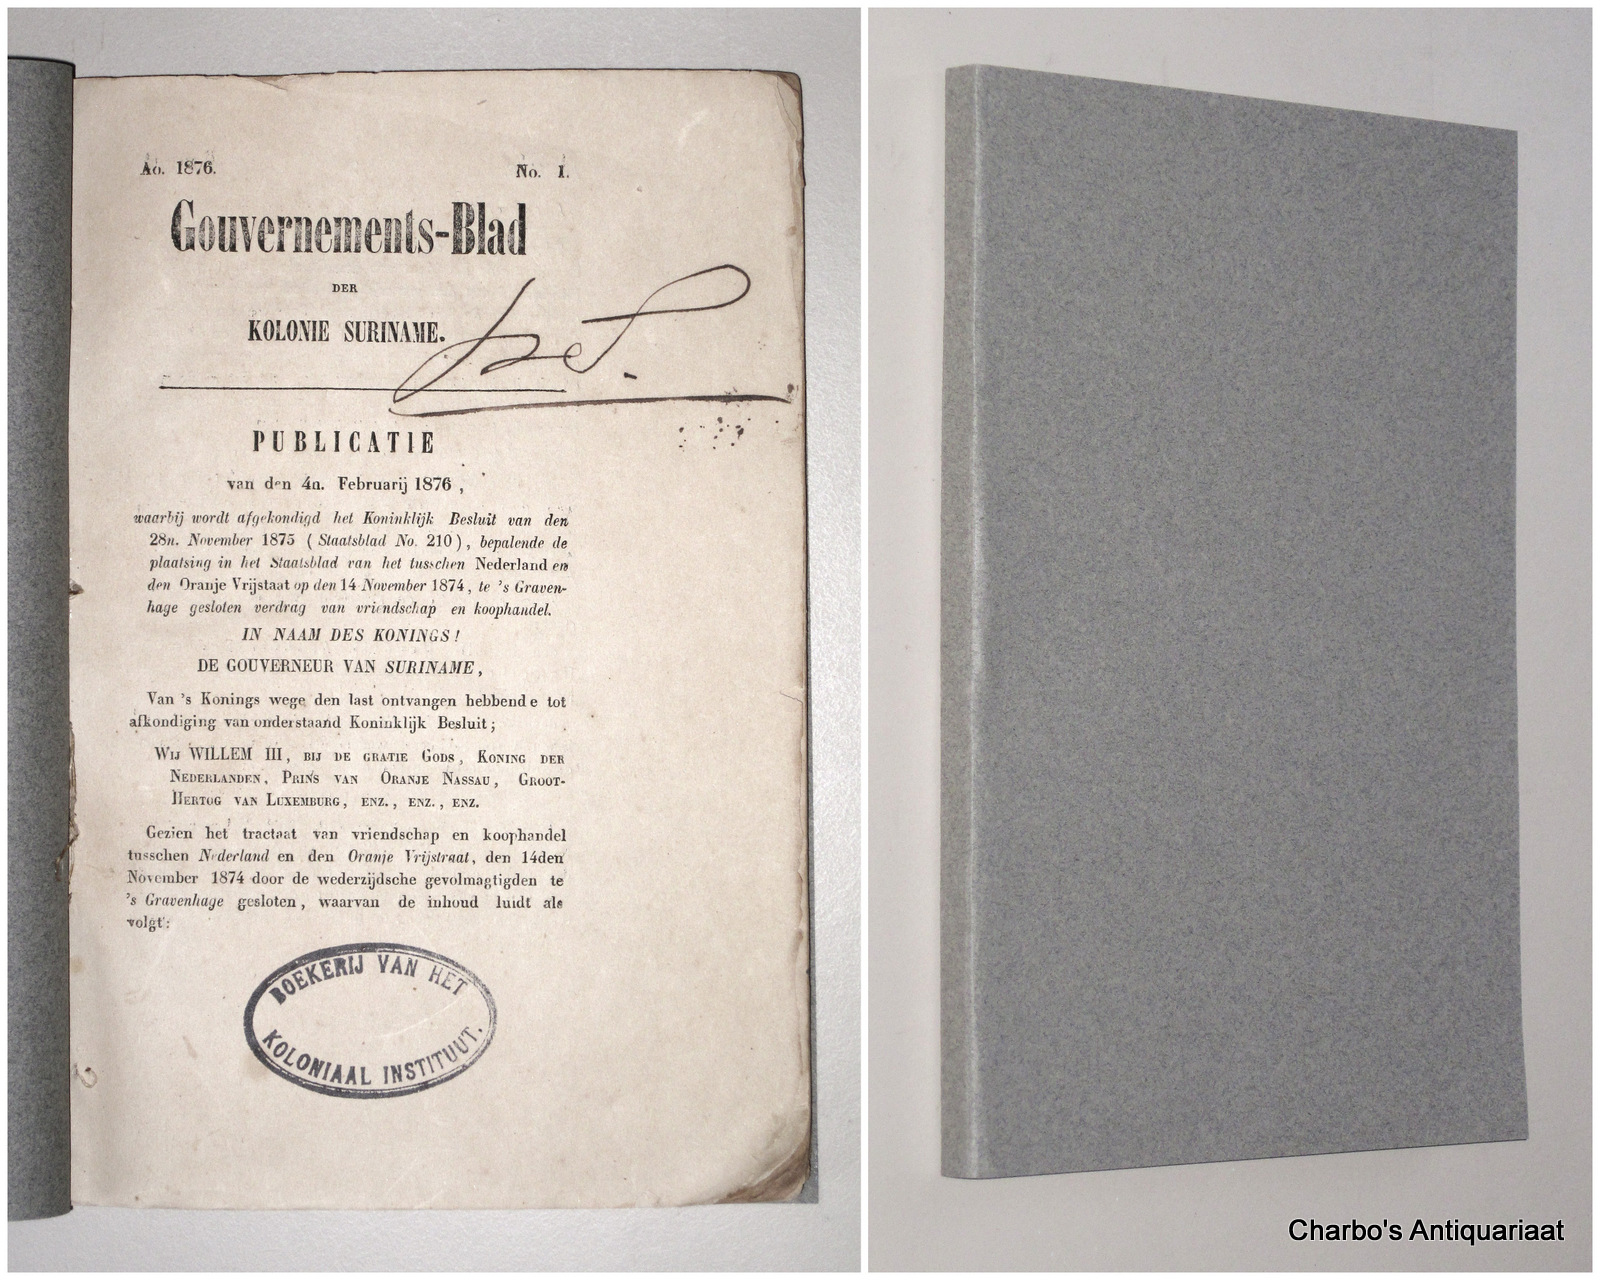 SURINAME. -  Gouvernements-blad der Kolonie Suriname 1876.